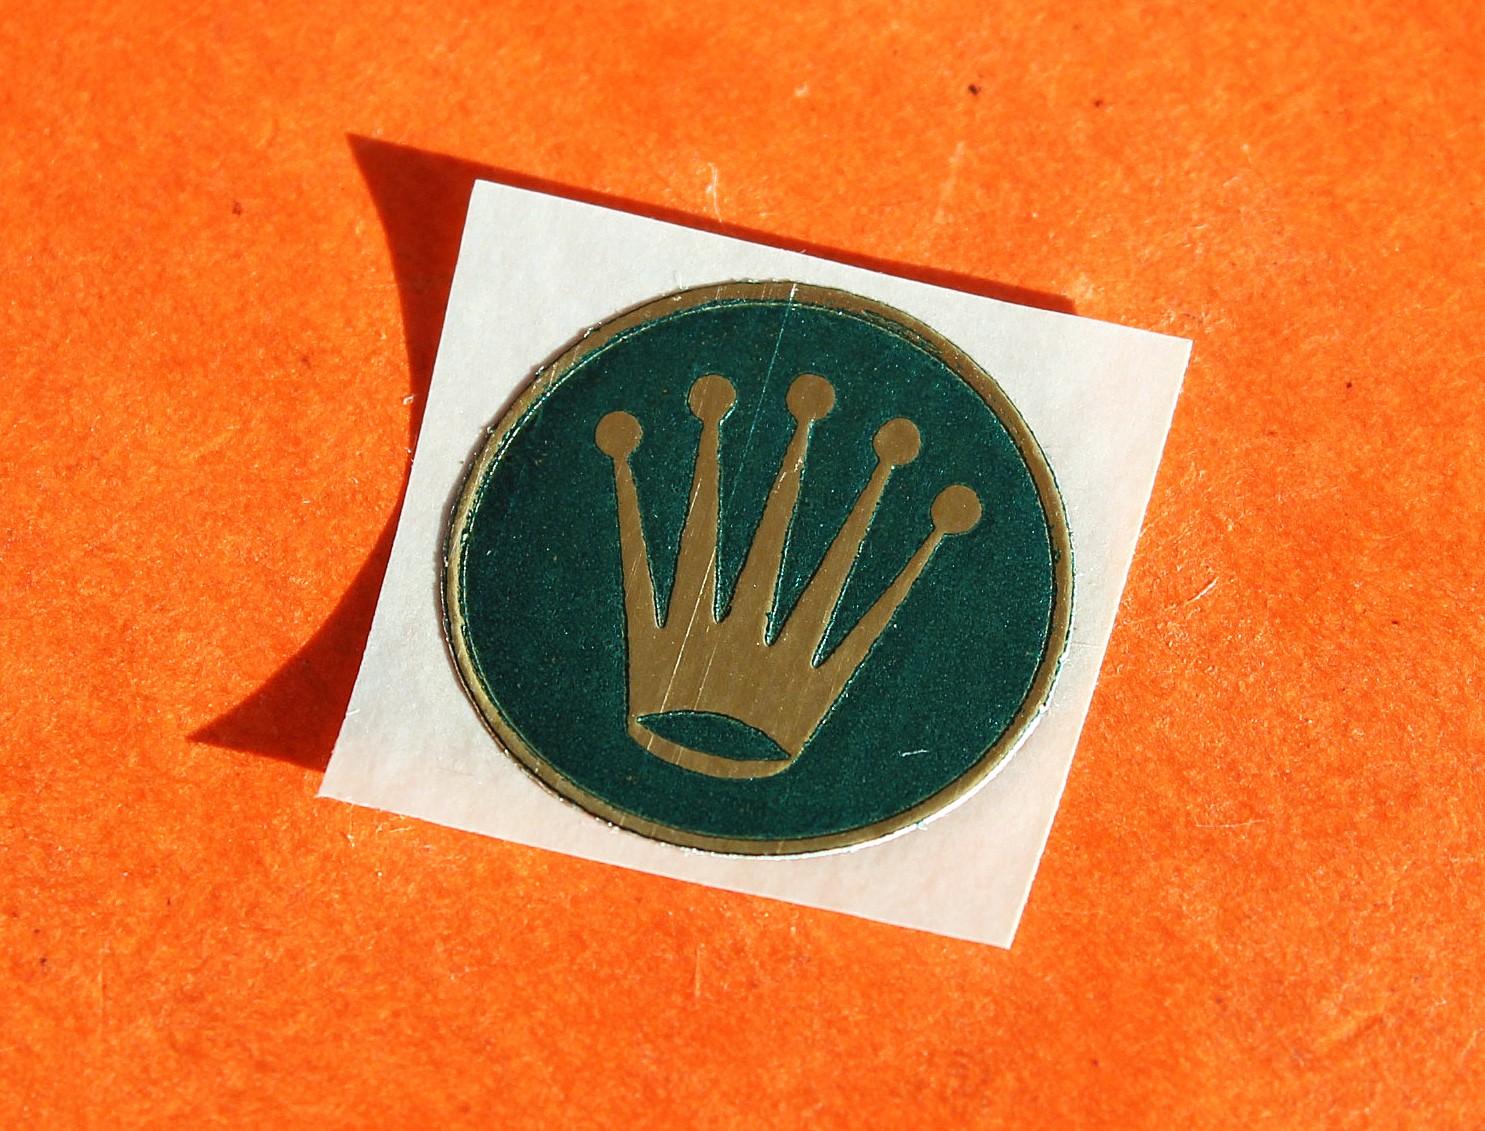 Vintage Rolex Sticker Adhésif vert 17mm Submariner, GMT, Explorer, Daytona 6263, 5512, 5513, 1680, 1655, 6542, 6538, 6241